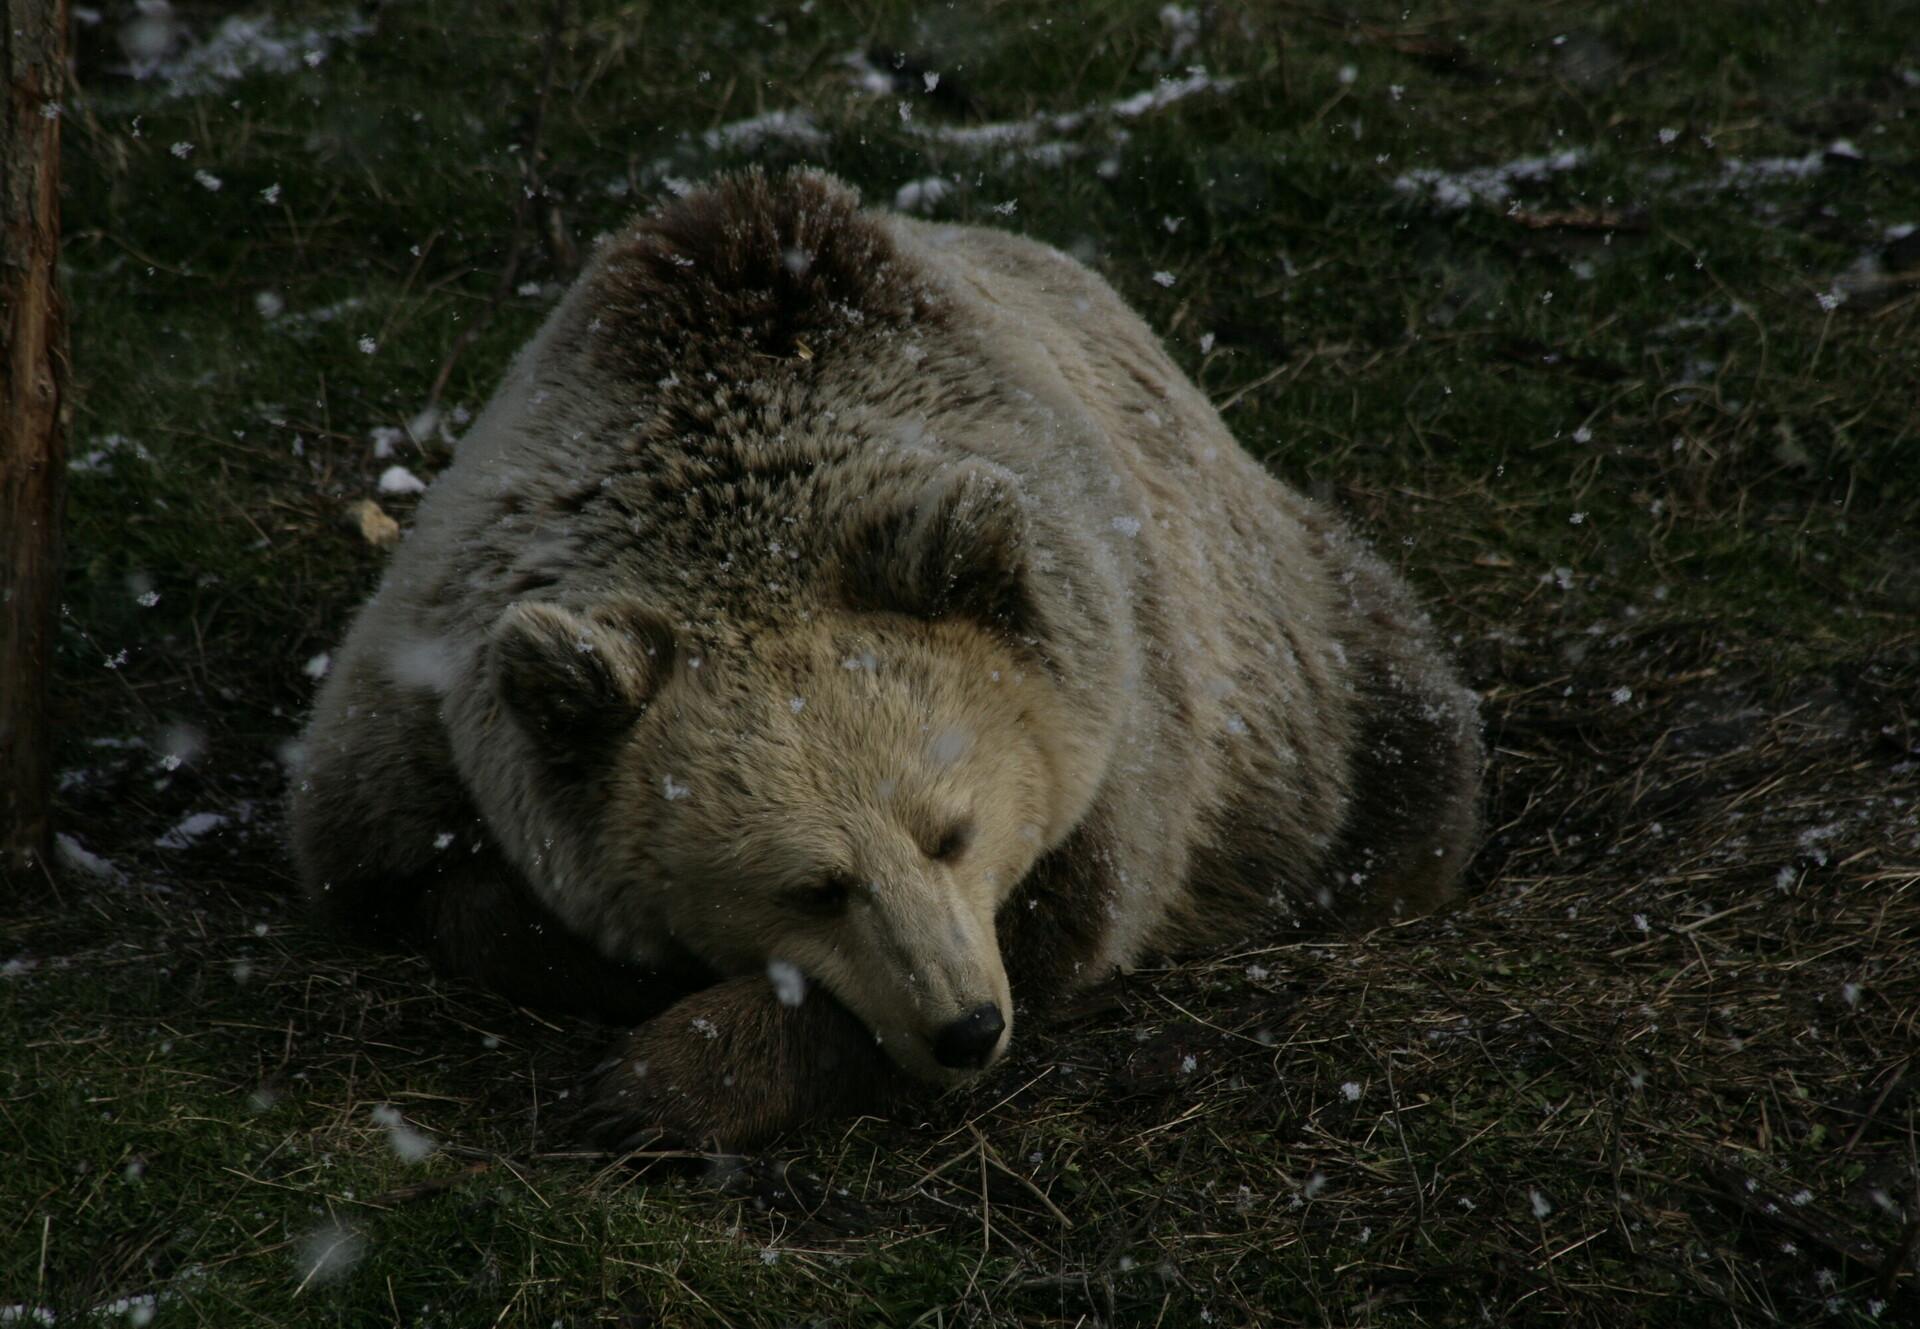 Bär liegt auf Wiese mit Schneeflocken